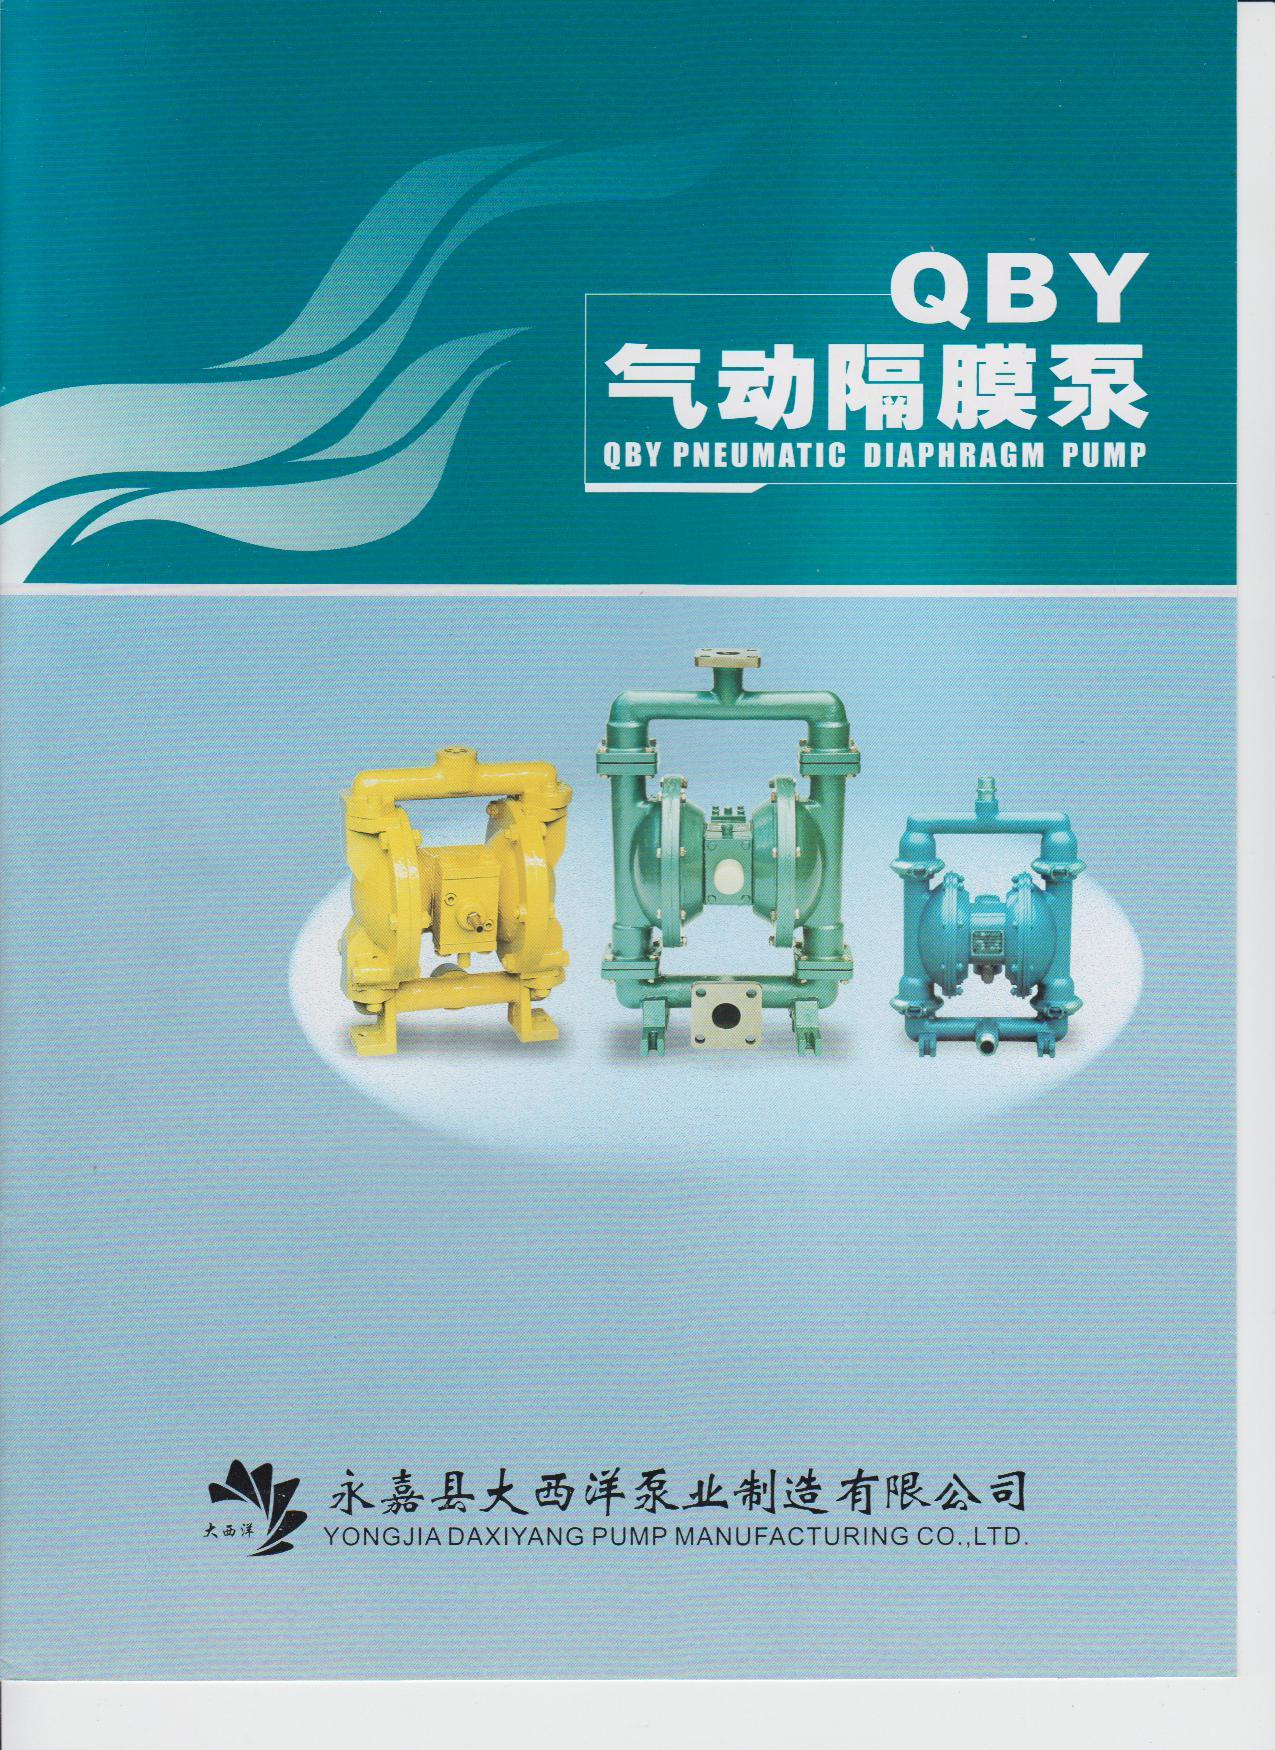 氣動隔膜泵,隔膜泵樣本圖,隔膜泵介紹